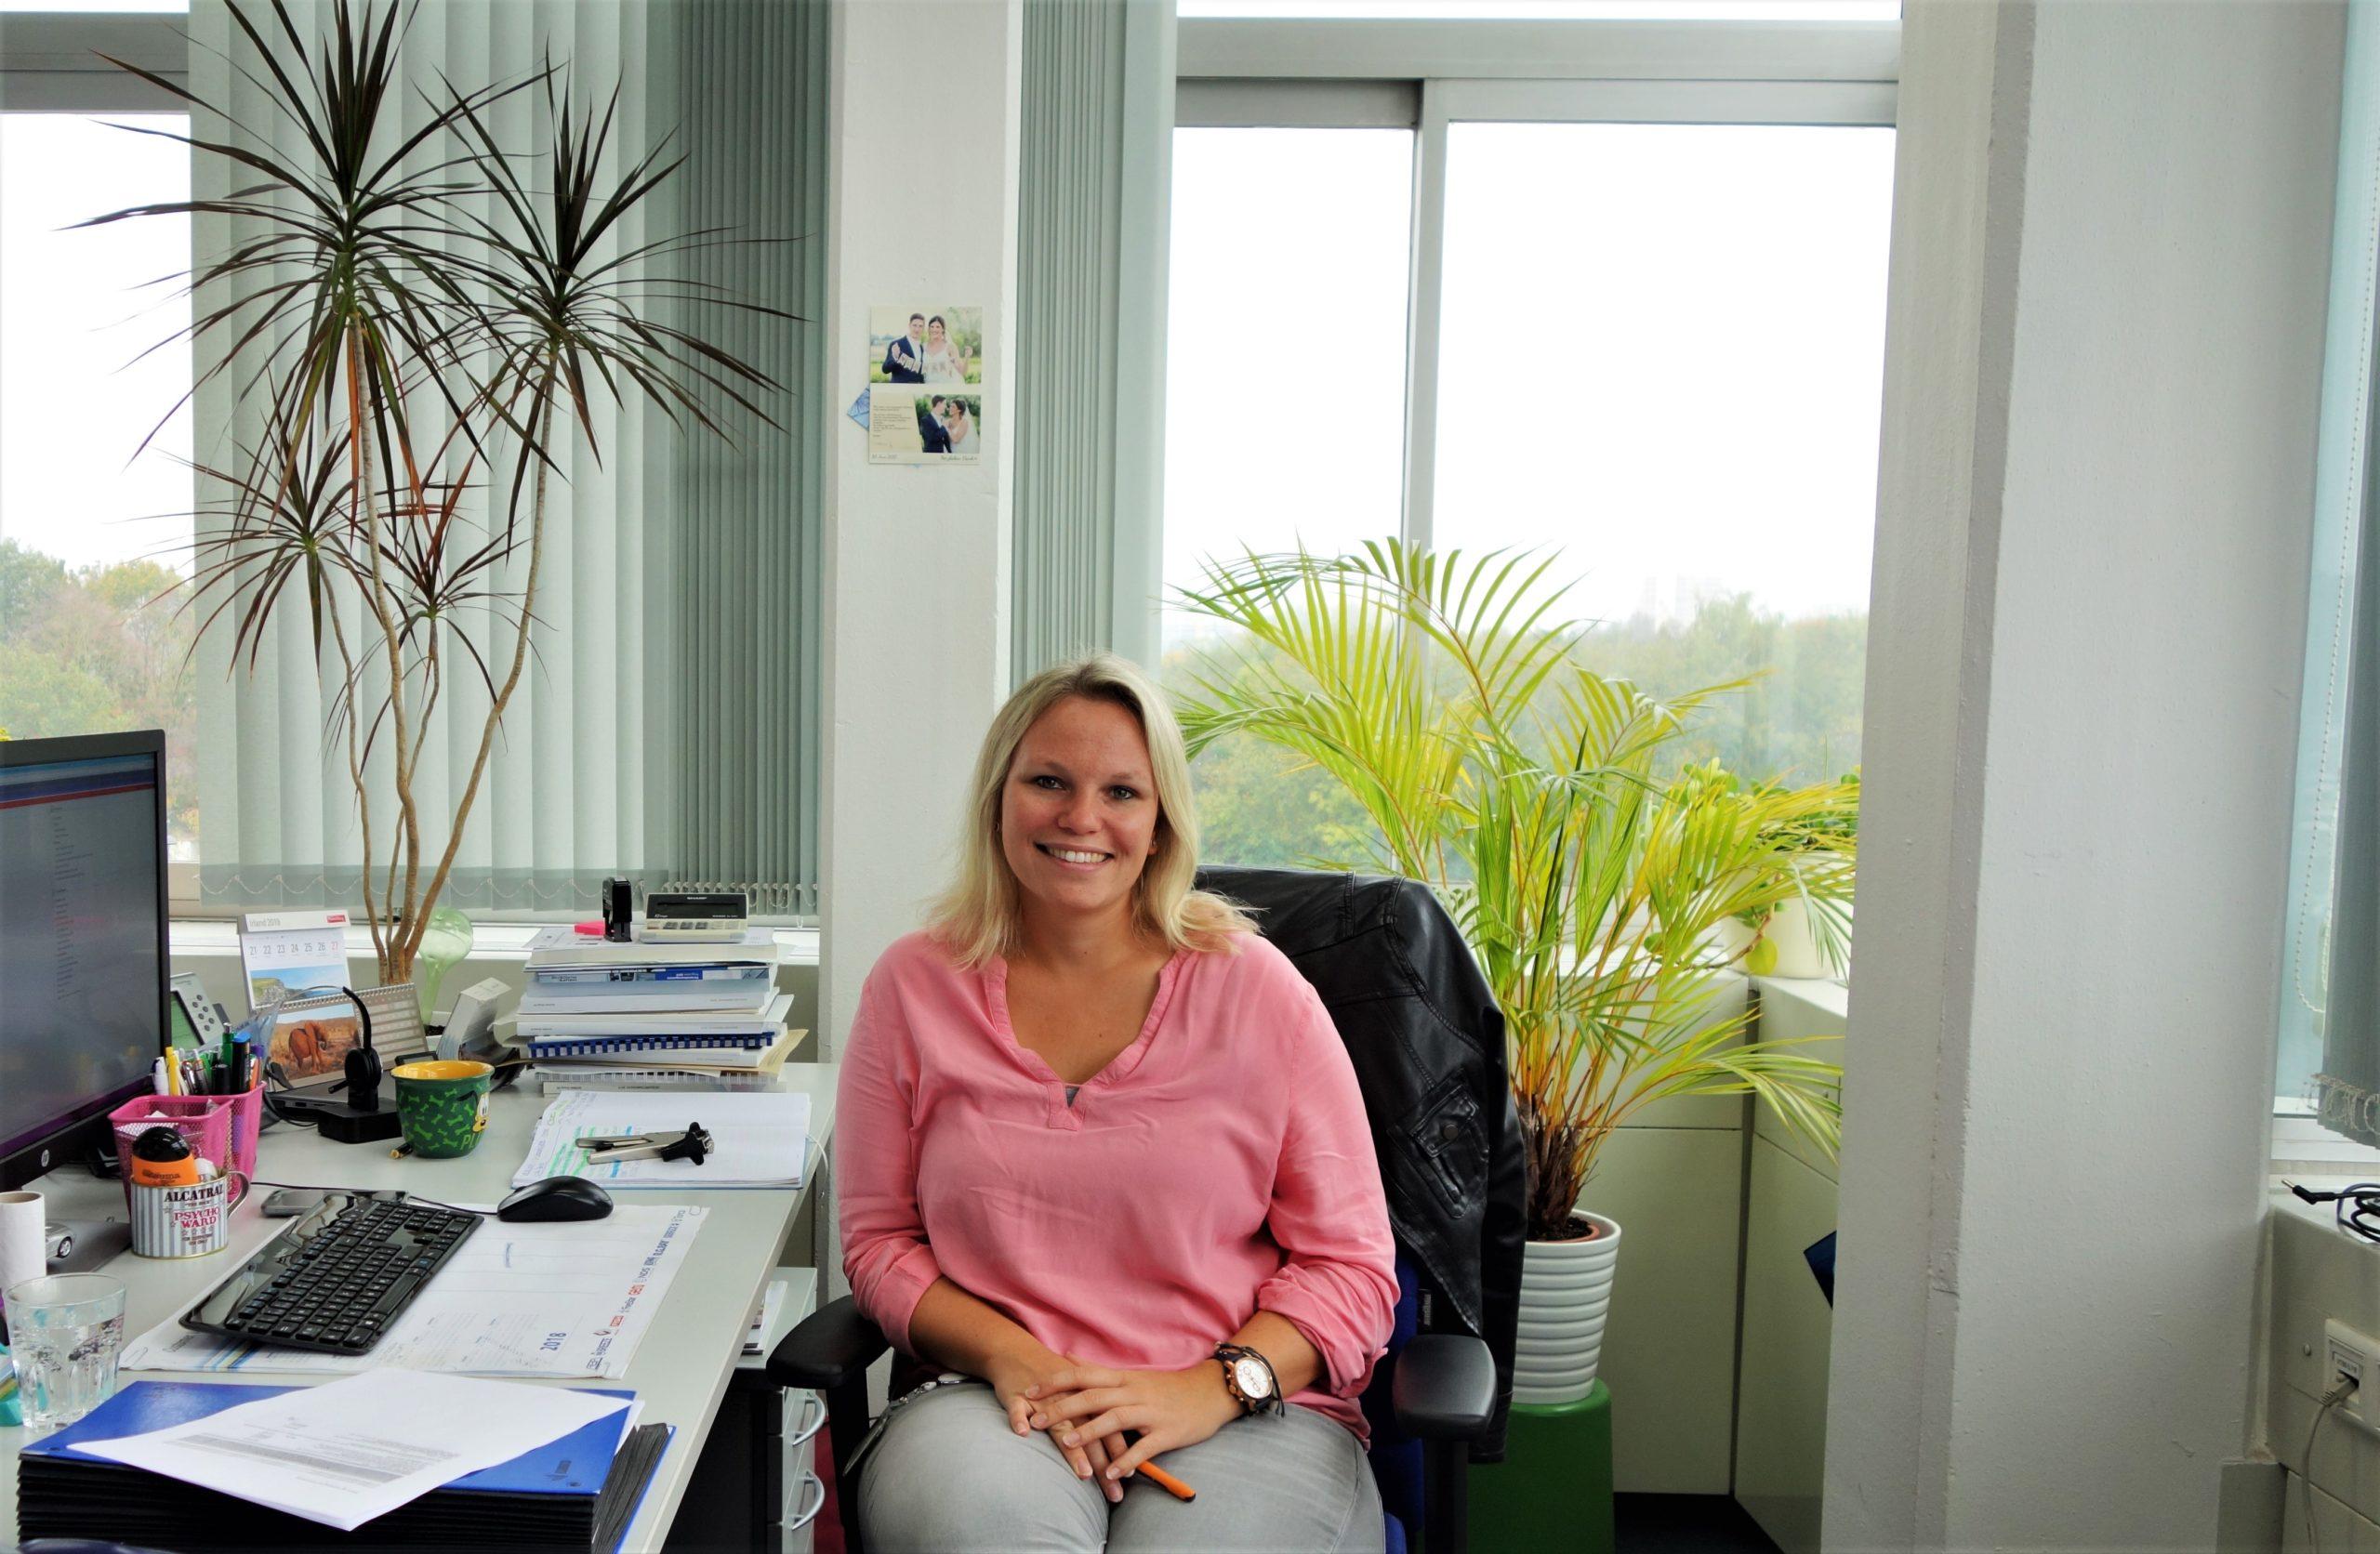 Ricarda in ihrem hellen Büro, hier darf ihre Lieblingsfarbe Rosa nicht fehlen